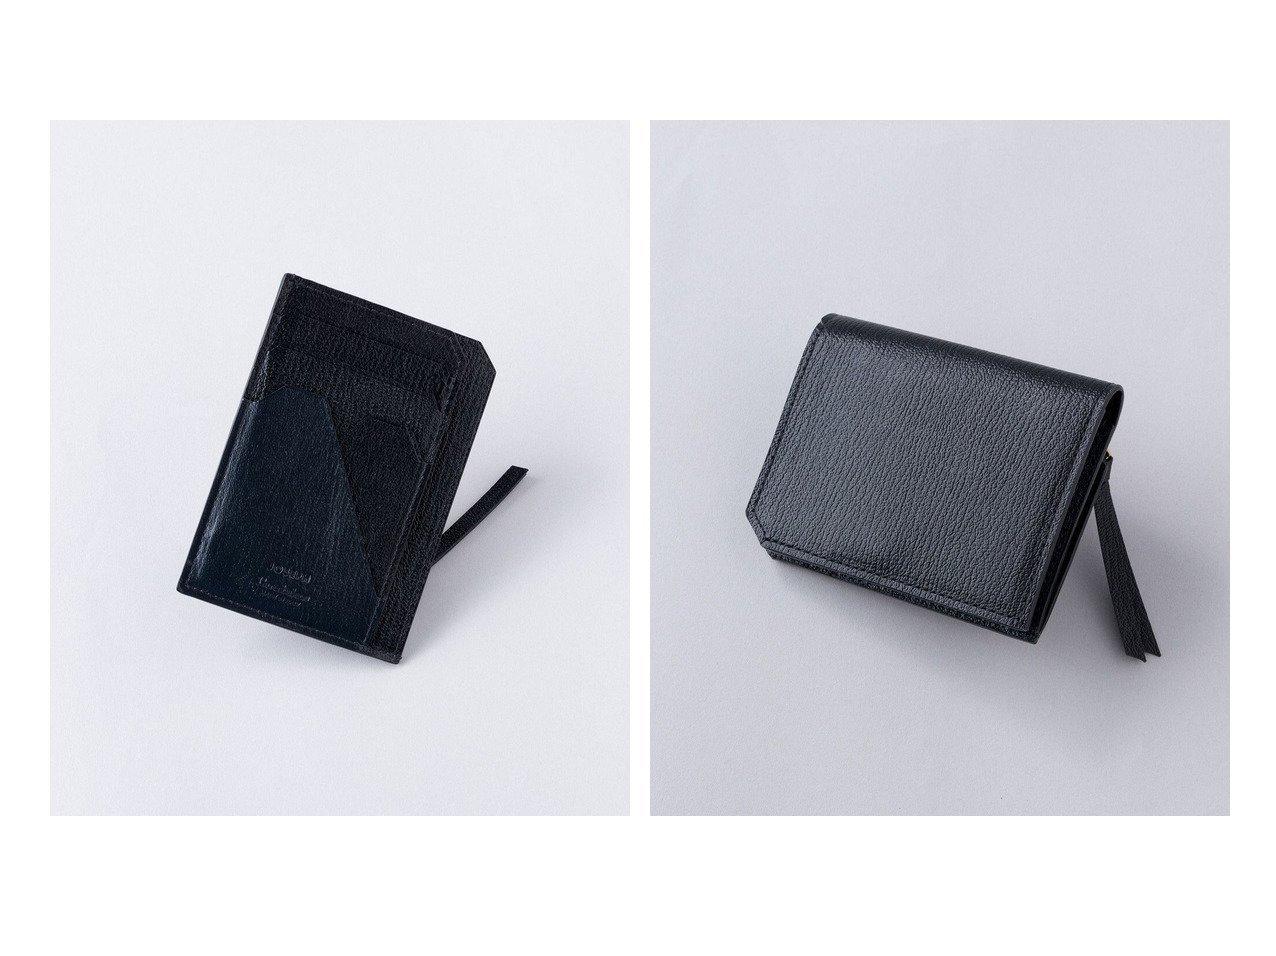 【JOSEPH HOMME / MEN/ジョゼフ オム】の【JOSEPH HOMME限定色】L'arcobaleno Smart Mini Wallet&【JOSEPH HOMME限定色】L'arcobaleno Smart Card Wallet 【MEN】別注・限定・コラボなど、おすすめ!人気トレンド・メンズファッション通販 おすすめで人気の流行・トレンド、ファッションの通販商品 メンズファッション・キッズファッション・インテリア・家具・レディースファッション・服の通販 founy(ファニー) https://founy.com/ ファッション Fashion メンズファッション MEN イタリア ウォレット コイン コンパクト ジップ スマート 財布 ハンド フランス ポケット 送料無料 Free Shipping おすすめ Recommend |ID:crp329100000037305